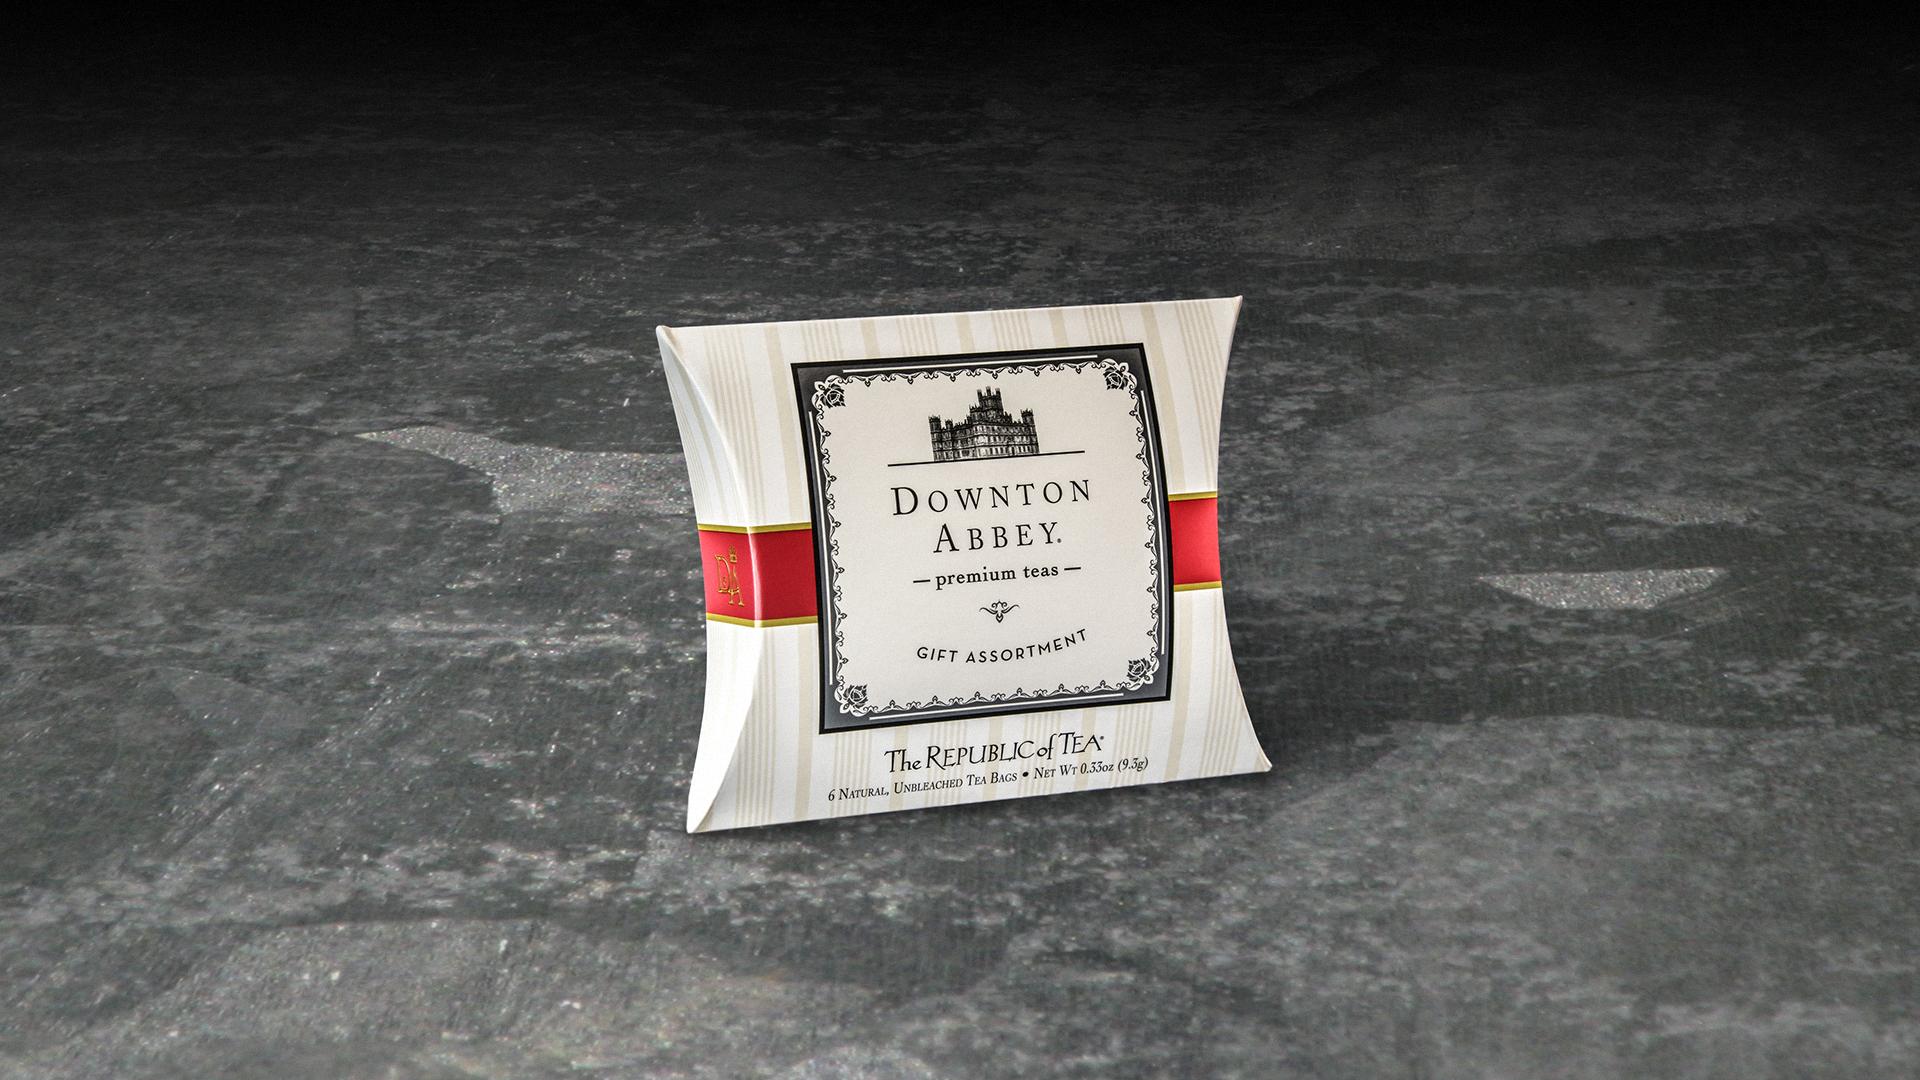 RepofTea DowntonAbbey PillowPak.jpg